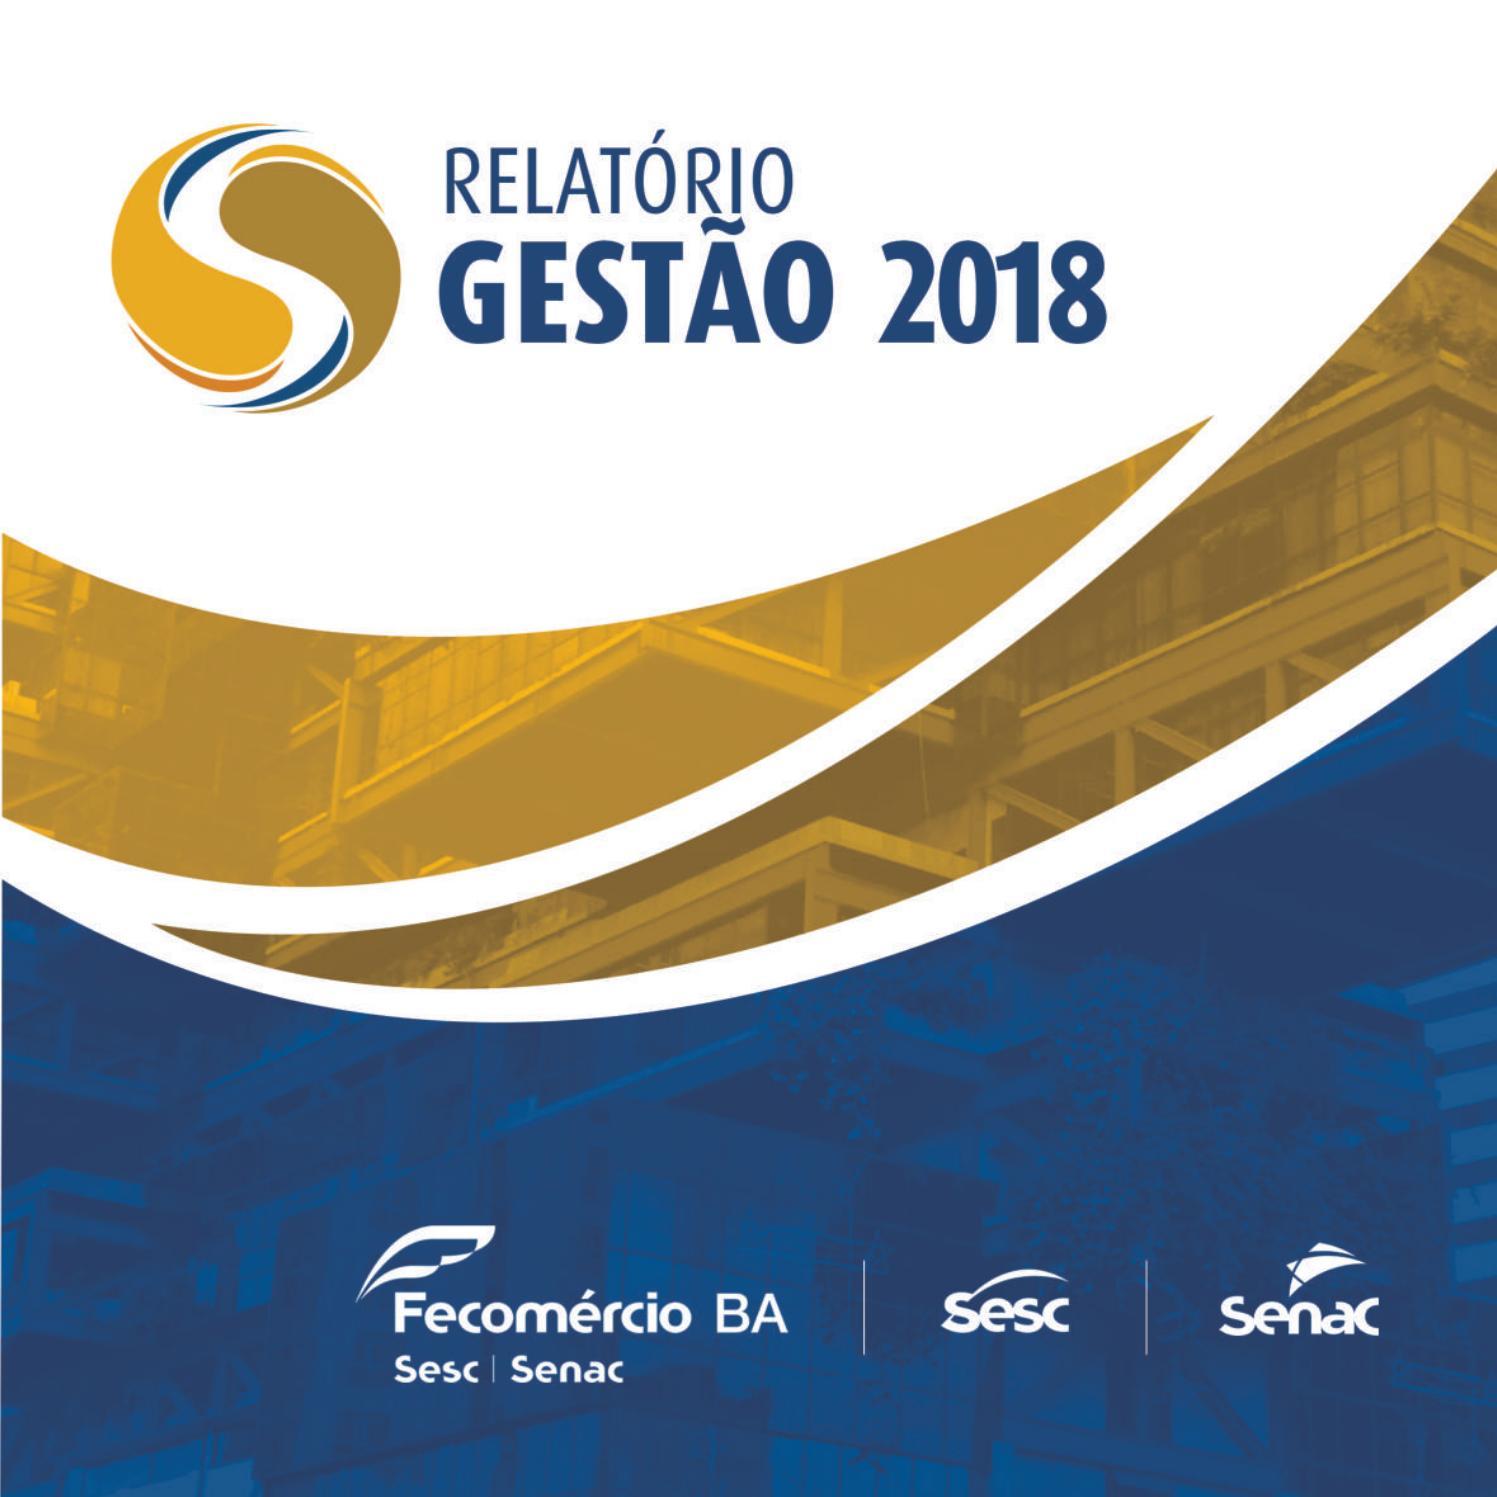 03e364f7c Relatório de Gestão Sistema Fecomércio-BA 2018 by Federação do Comércio de  Bens, Serviços e Turismo do Estado da Bahia - issuu